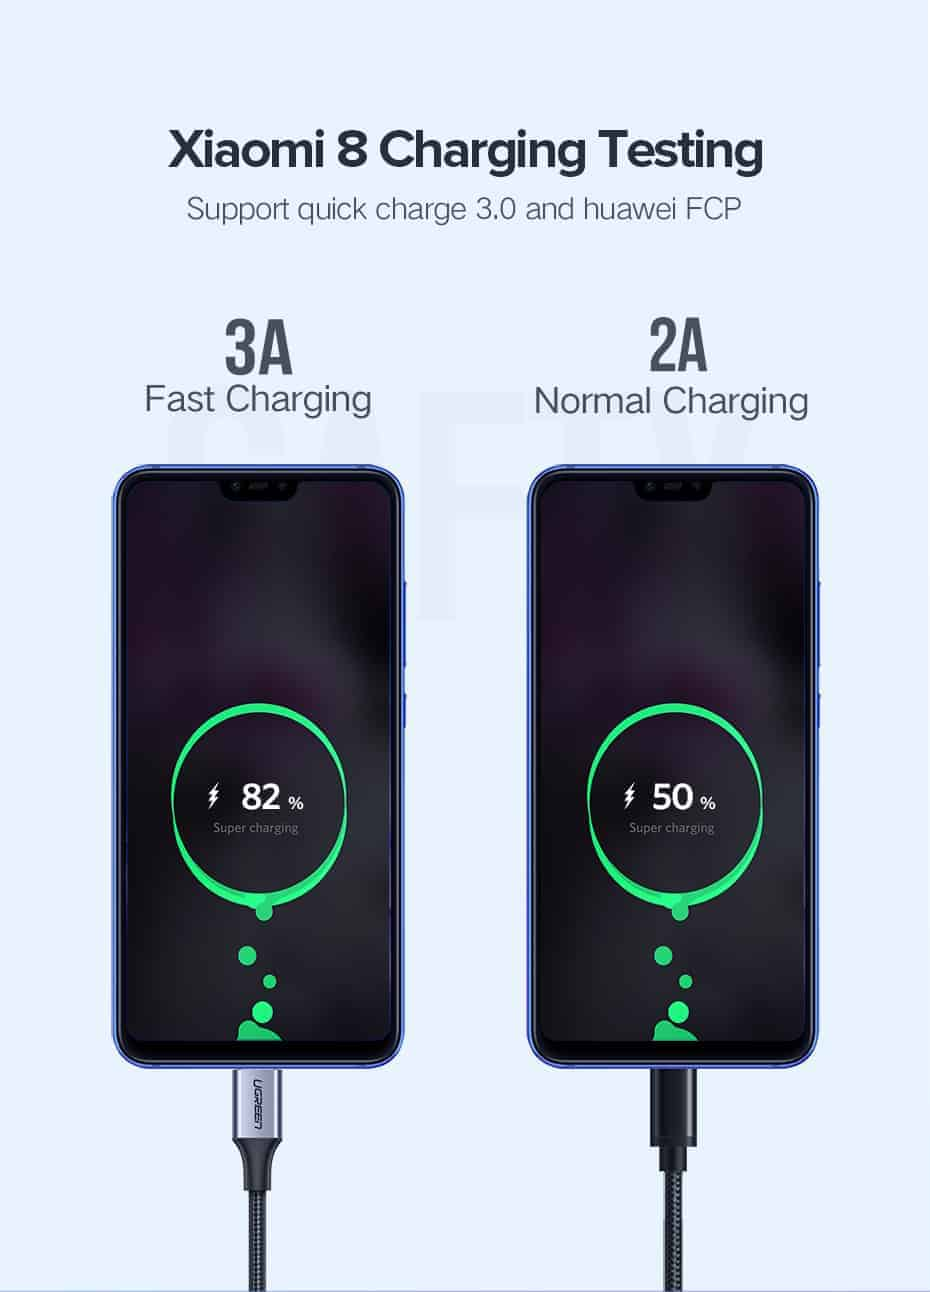 สายชาร์จ Type C UPGRADE 3A Fast CHARGING FOR DEVICES USB-C CONNECTOR-Xiaomi8 Charging Testing